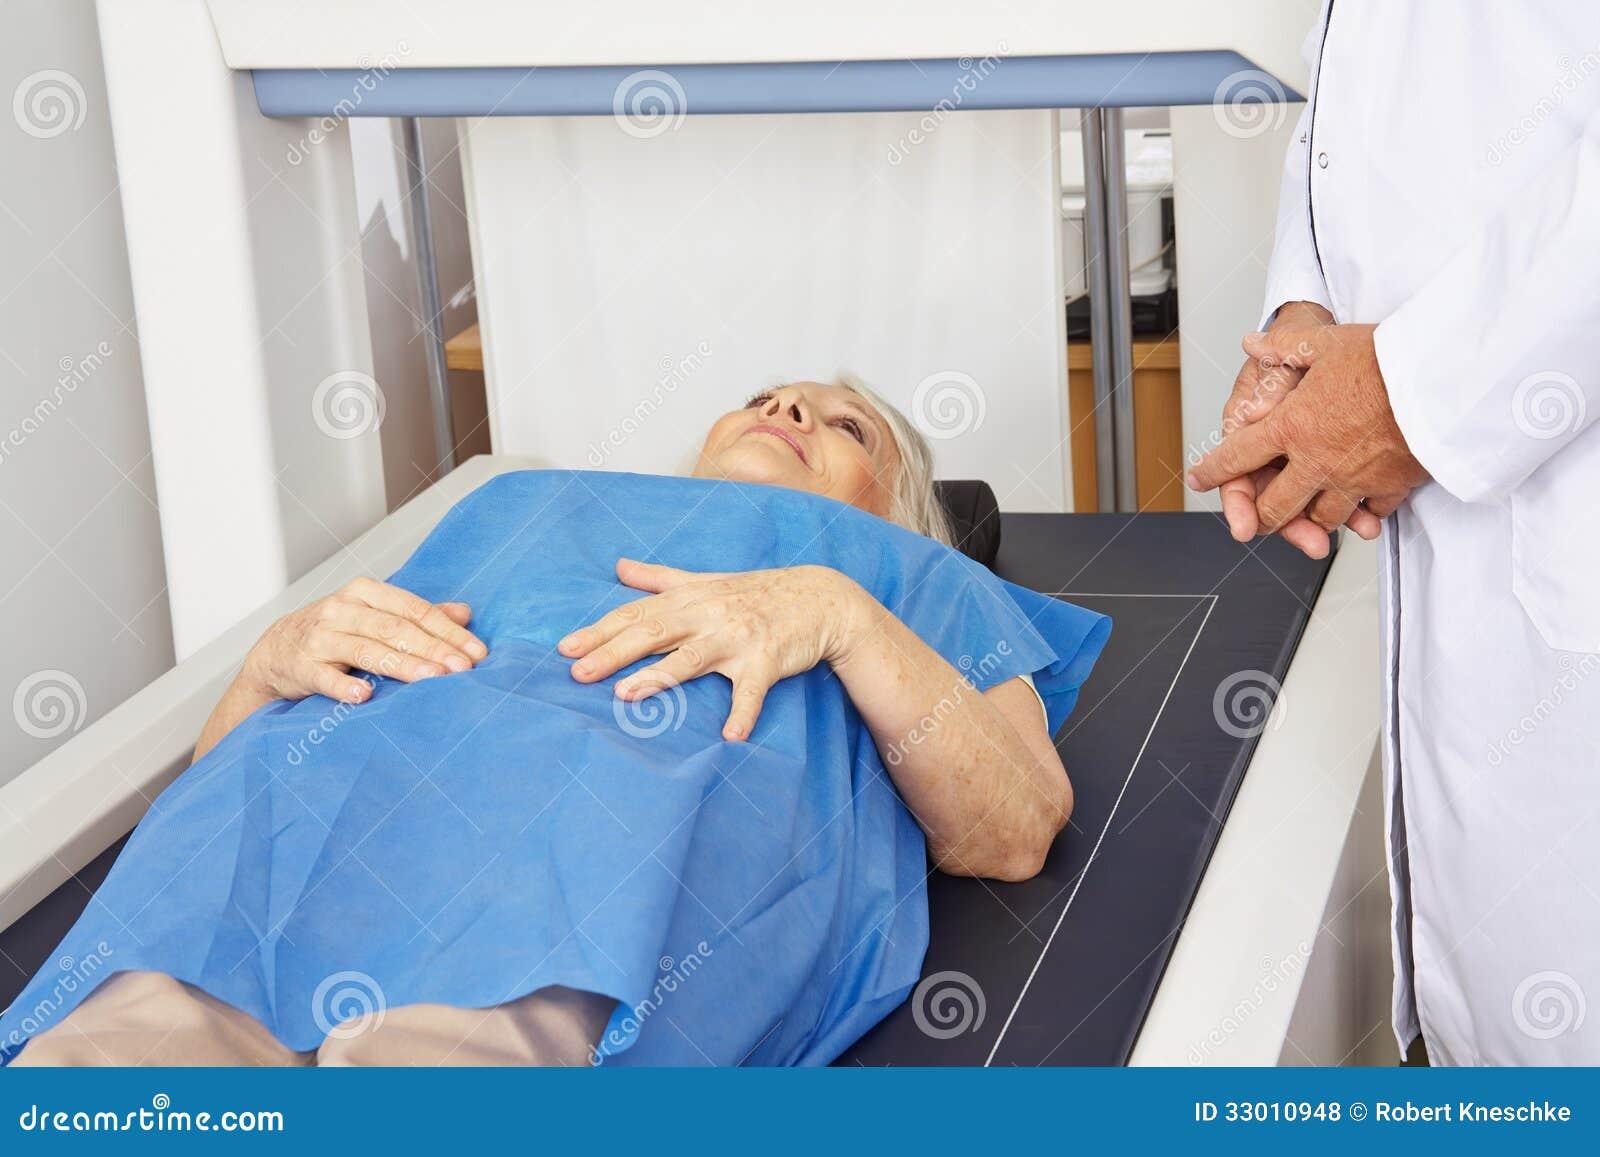 Ältere Frau unter Maschine für Knochendichtemaß